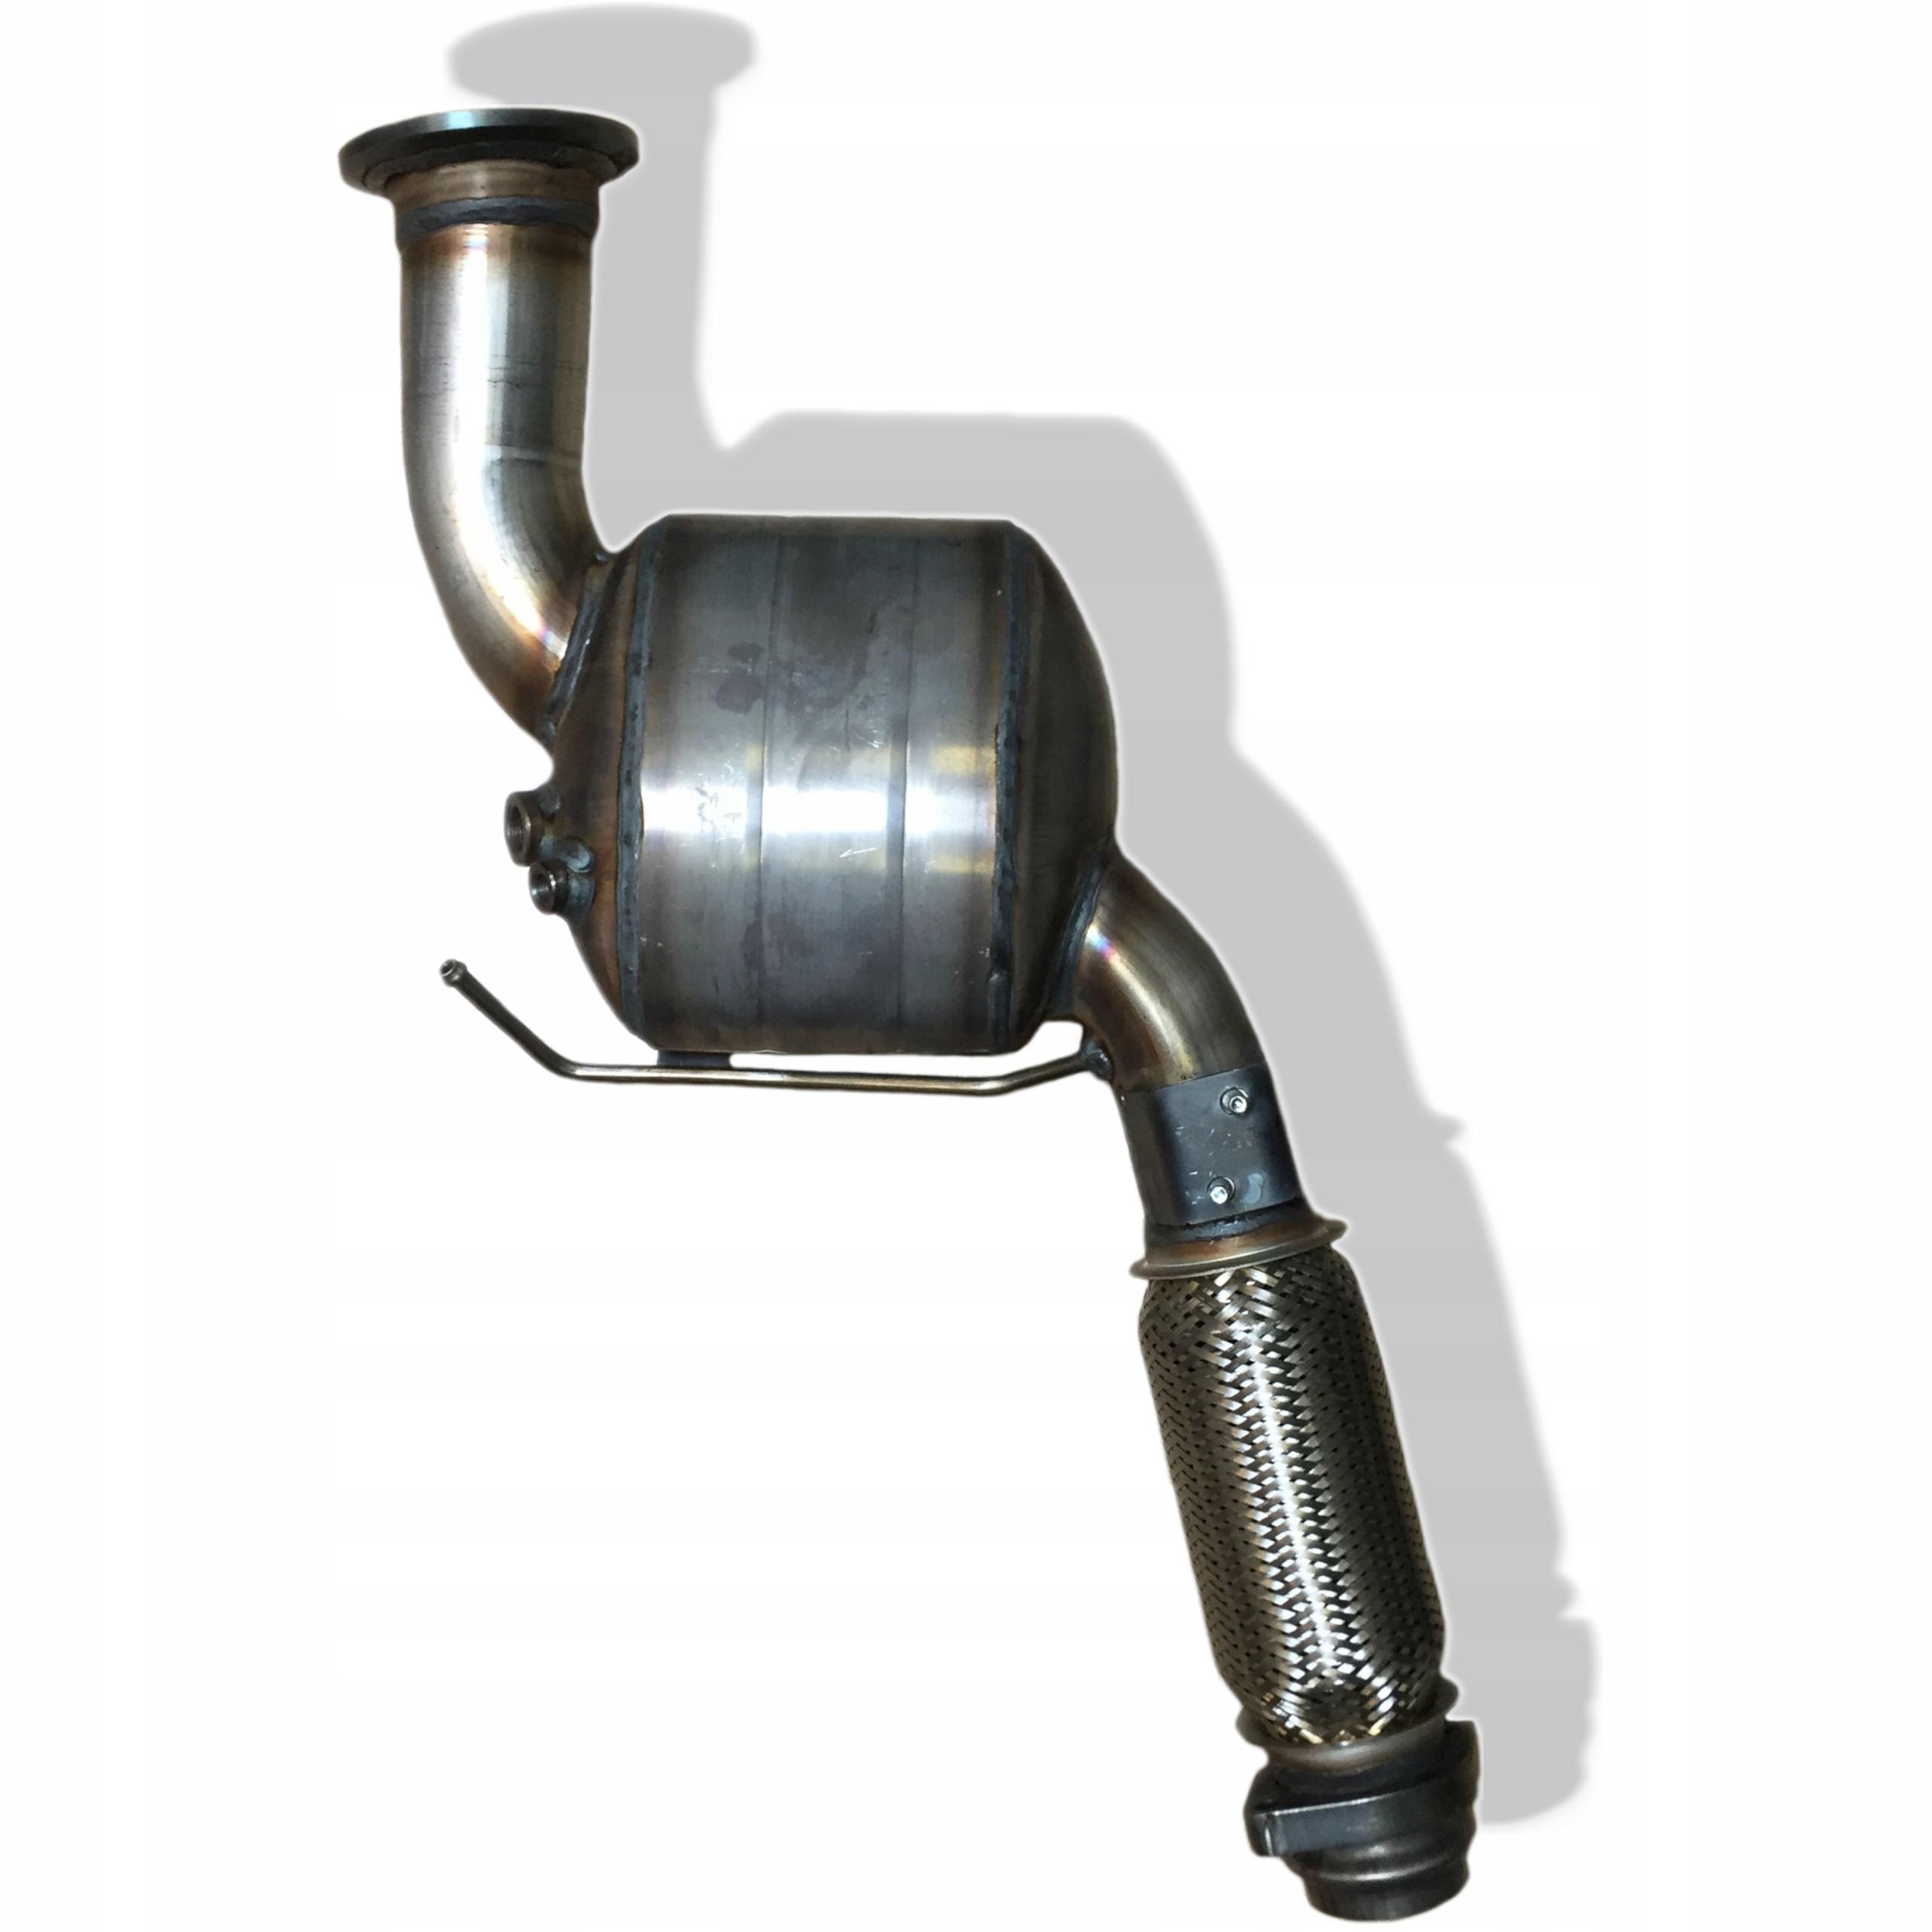 катализатор bmw 730d e65 m57n2 012004-122008